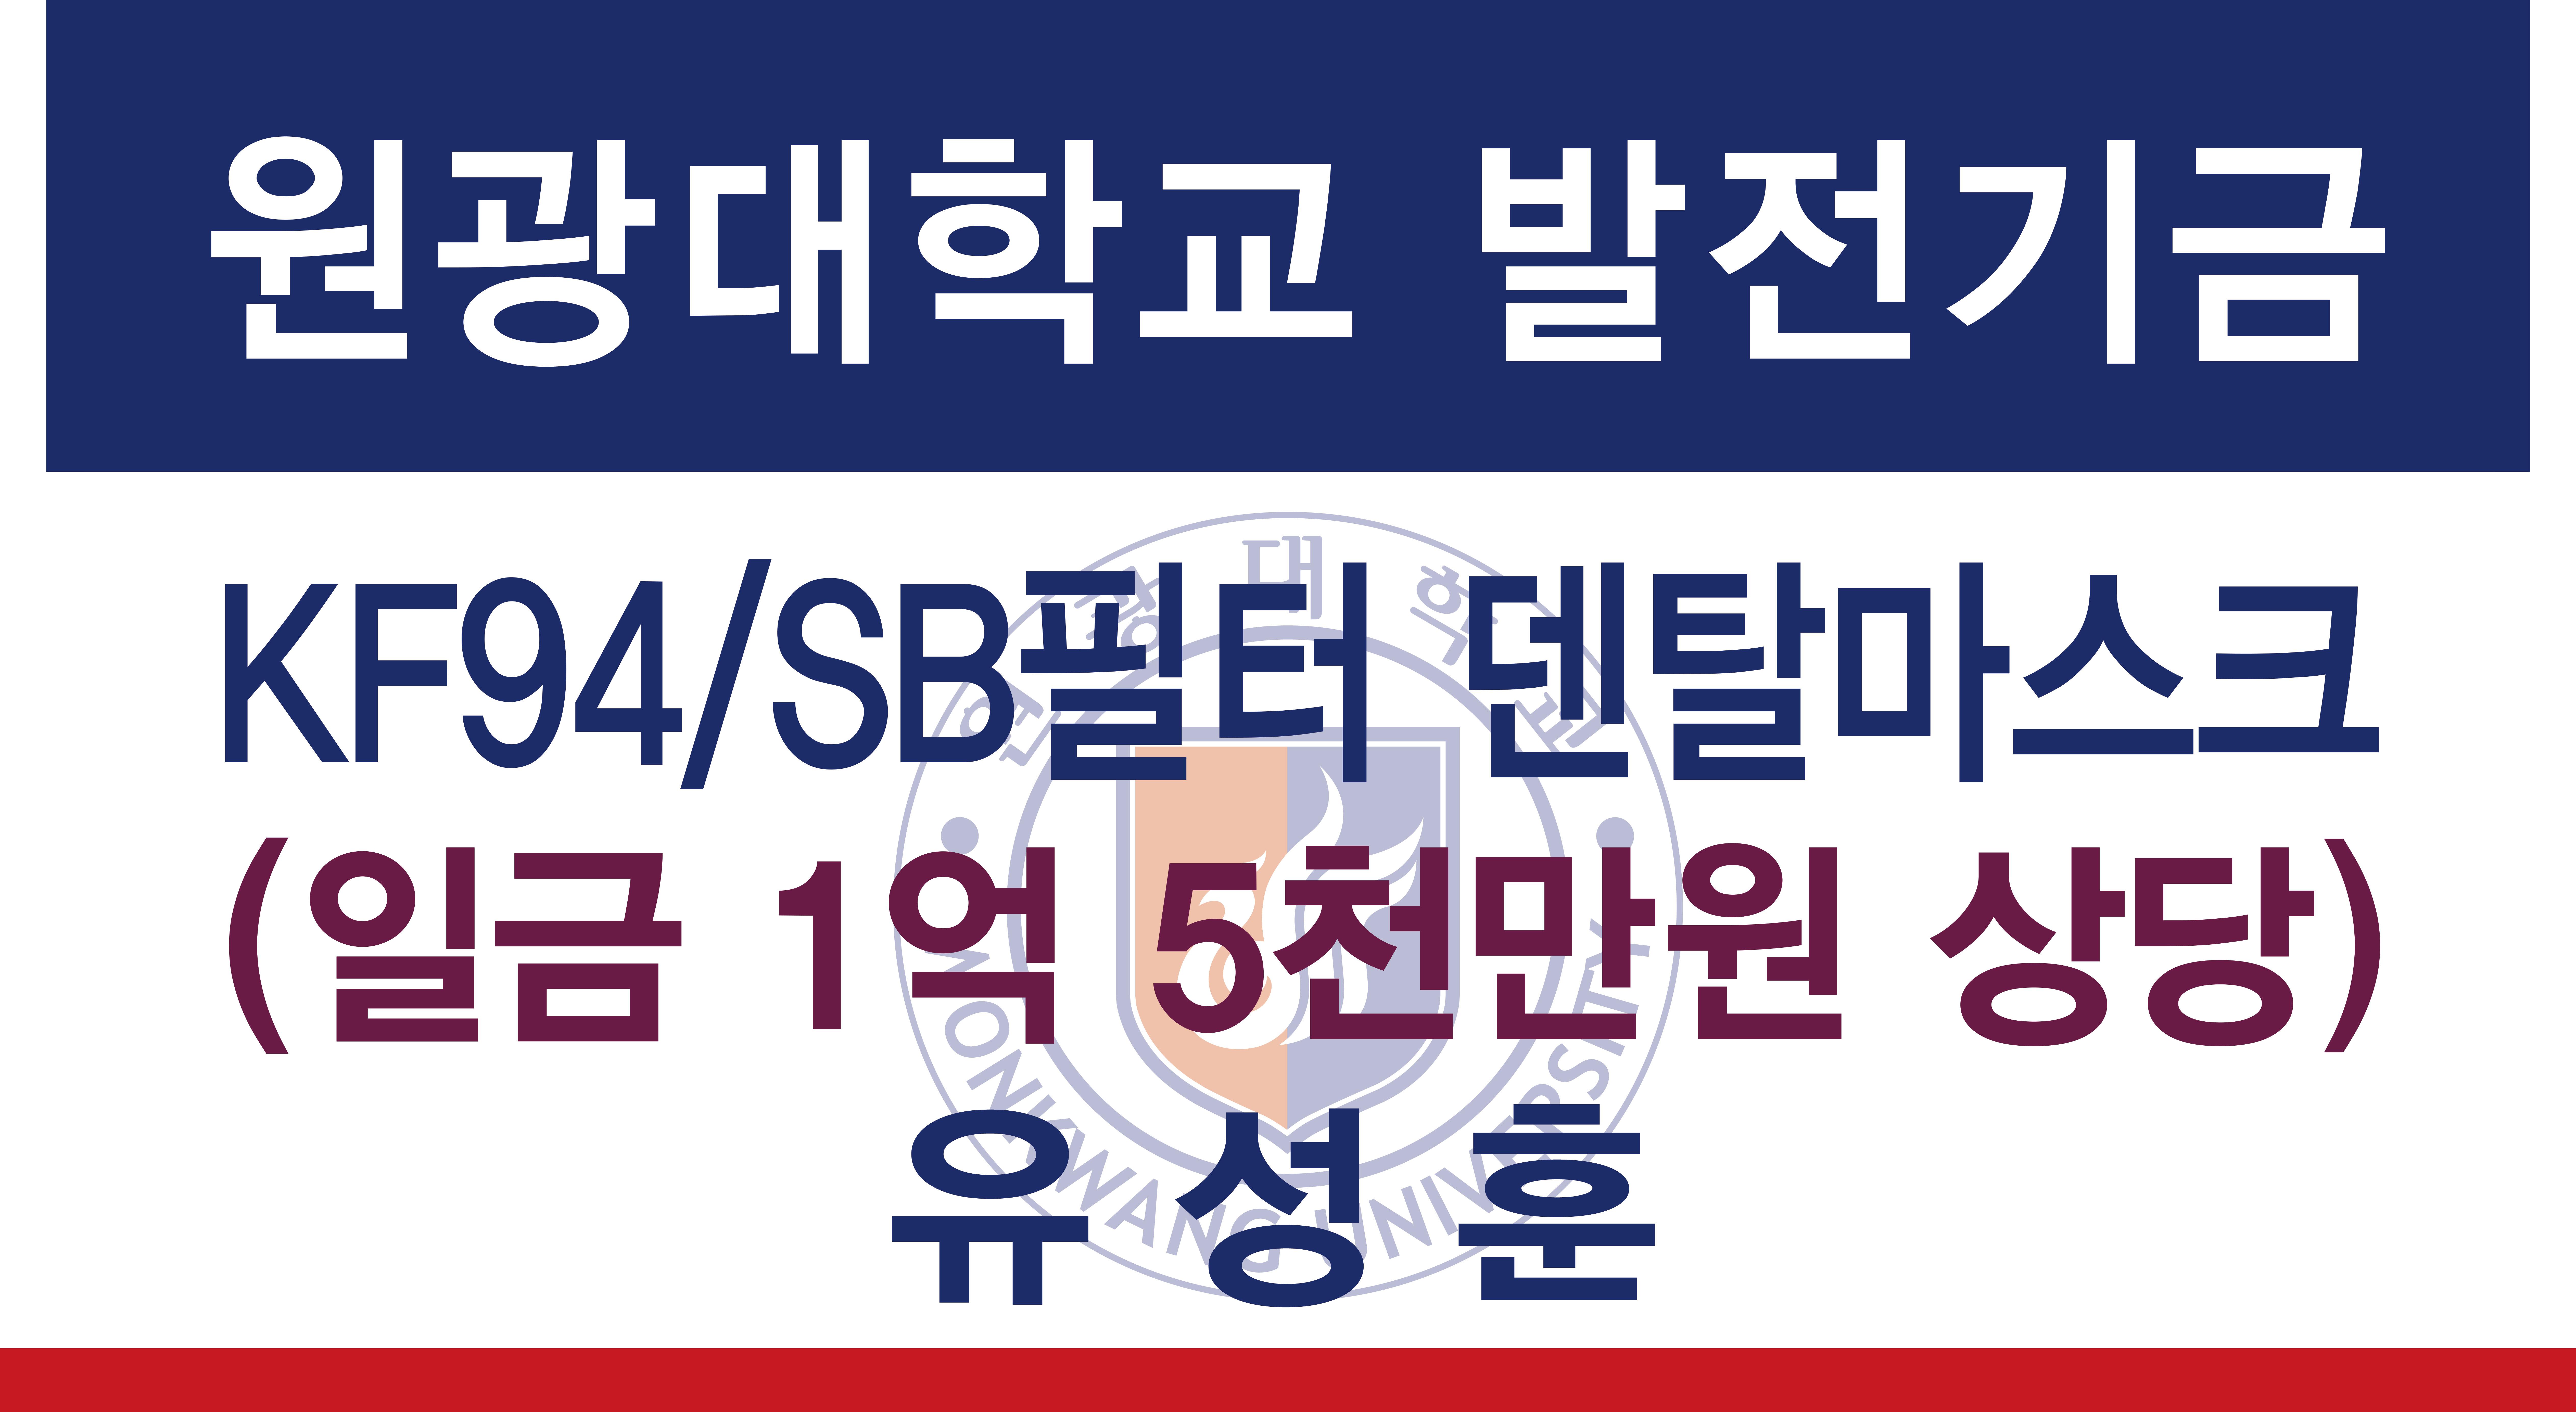 원광대 졸업동문 유성훈 씨, 모교에 1억 5천만원 상당 마스크 기증